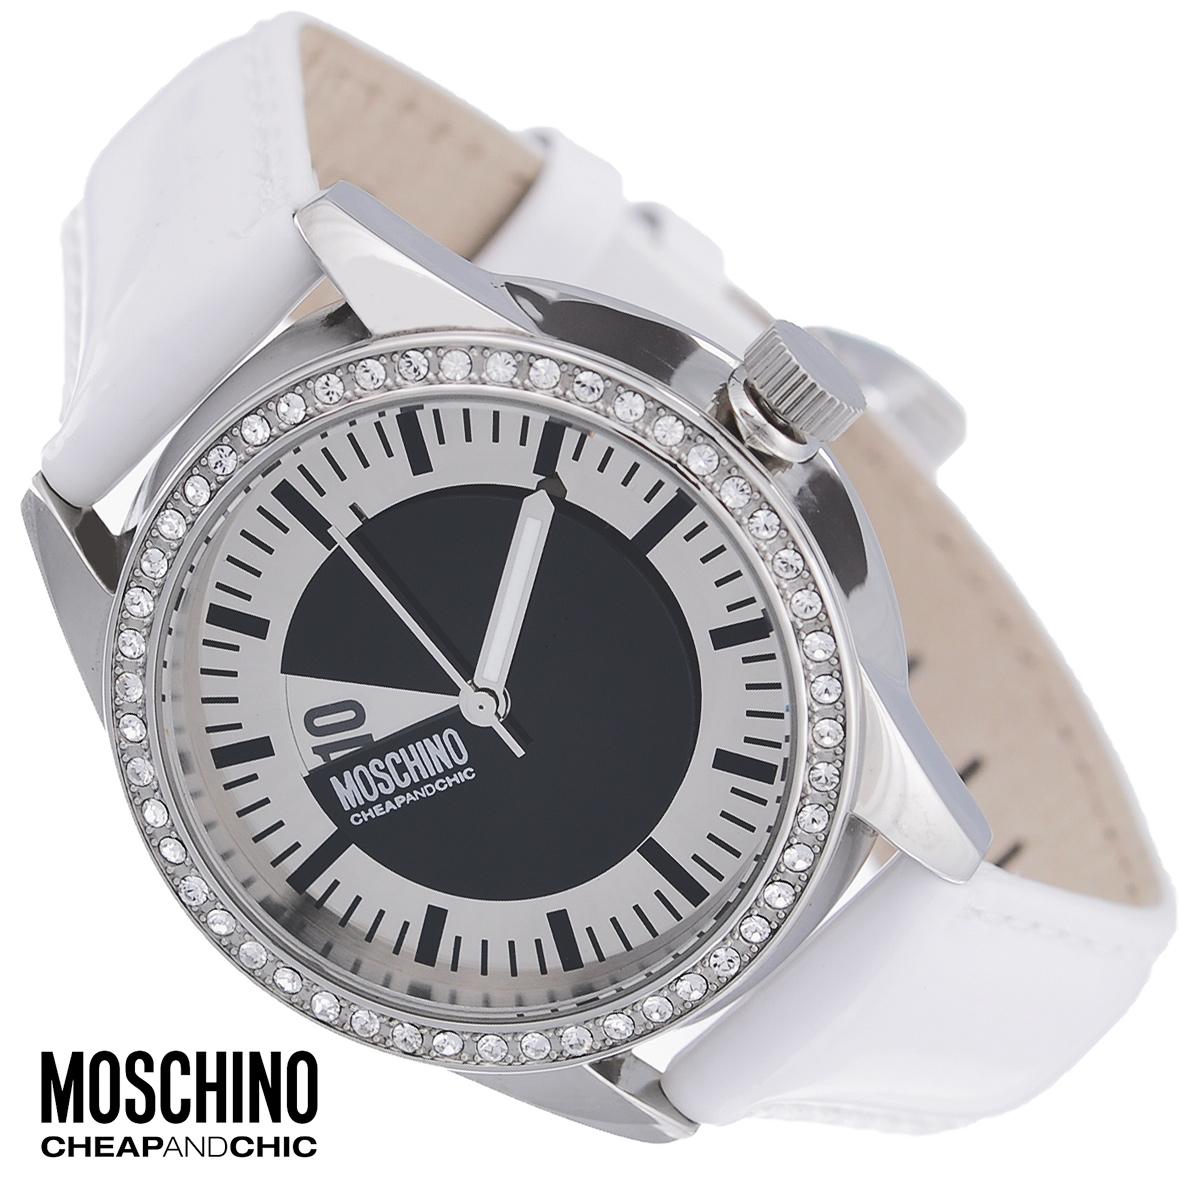 Часы женские наручные Moschino, цвет: белый, серебристый. MW0336EQW-M710DB-1A1Наручные часы от известного итальянского бренда Moschino - это не только стильный и функциональный аксессуар, но и современные технологи, сочетающиеся с экстравагантным дизайном и индивидуальностью. Часы Moschino лаконичного дизайна оснащены кварцевым механизмом. Корпус выполнен из высококачественной нержавеющей стали и по контуру циферблата оформлен стразами. Циферблат с арабскими цифрами и отметками защищен минеральным стеклом. Часы имеют две стрелки - часовую и минутную. Ремешок часов выполнен из натуральной лаковой кожи и оснащен классической застежкой. Часы упакованы в фирменную металлическую коробку с логотипом бренда. Часы Moschino благодаря своему уникальному дизайну отличаются от часов других марок своеобразными циферблатами, функциональностью, а также набором уникальных технических свойств. Каждой модели присуща легкая экстравагантность, самобытность и, безусловно, великолепный вкус. Характеристики:Диаметр циферблата: 3 см.Размер корпуса: 3,4 см х 3,4 см х 0,7 см.Длина ремешка (с корпусом): 23 см.Ширина ремешка: 1,5 см.